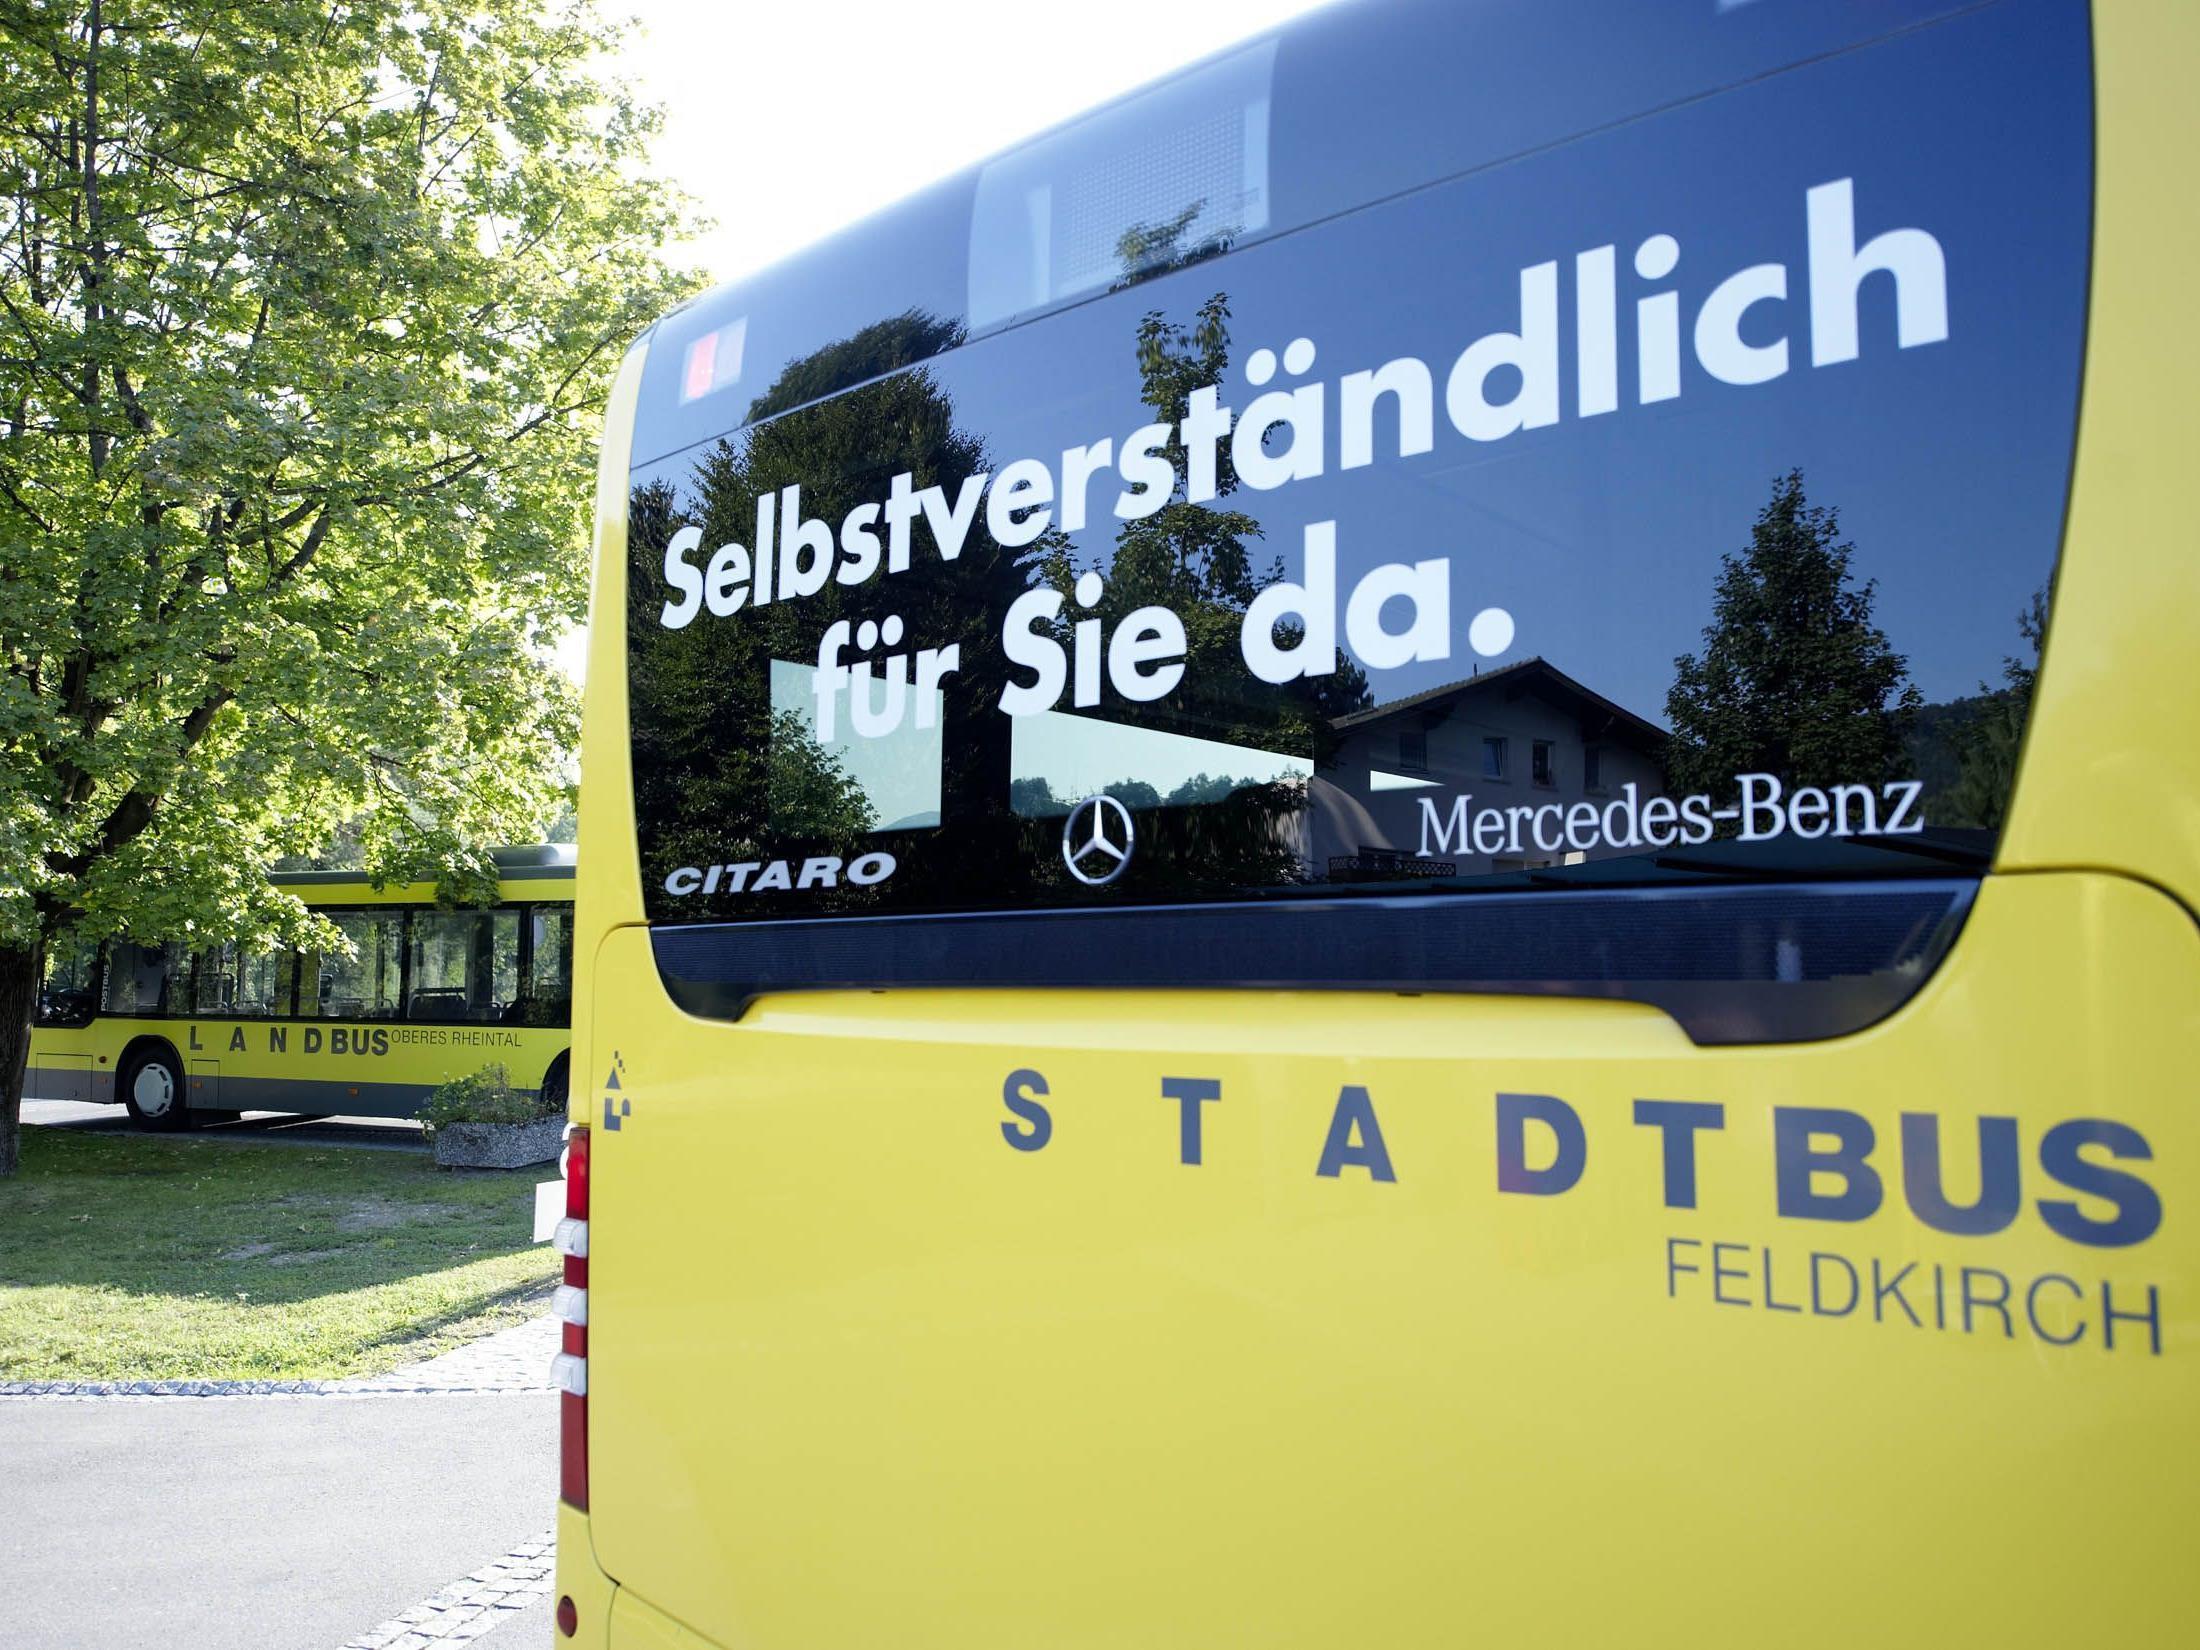 Stadt und Landbus sind der ideale Zubringer zum größten Faschingsumzug des Landes in Feldkirch.